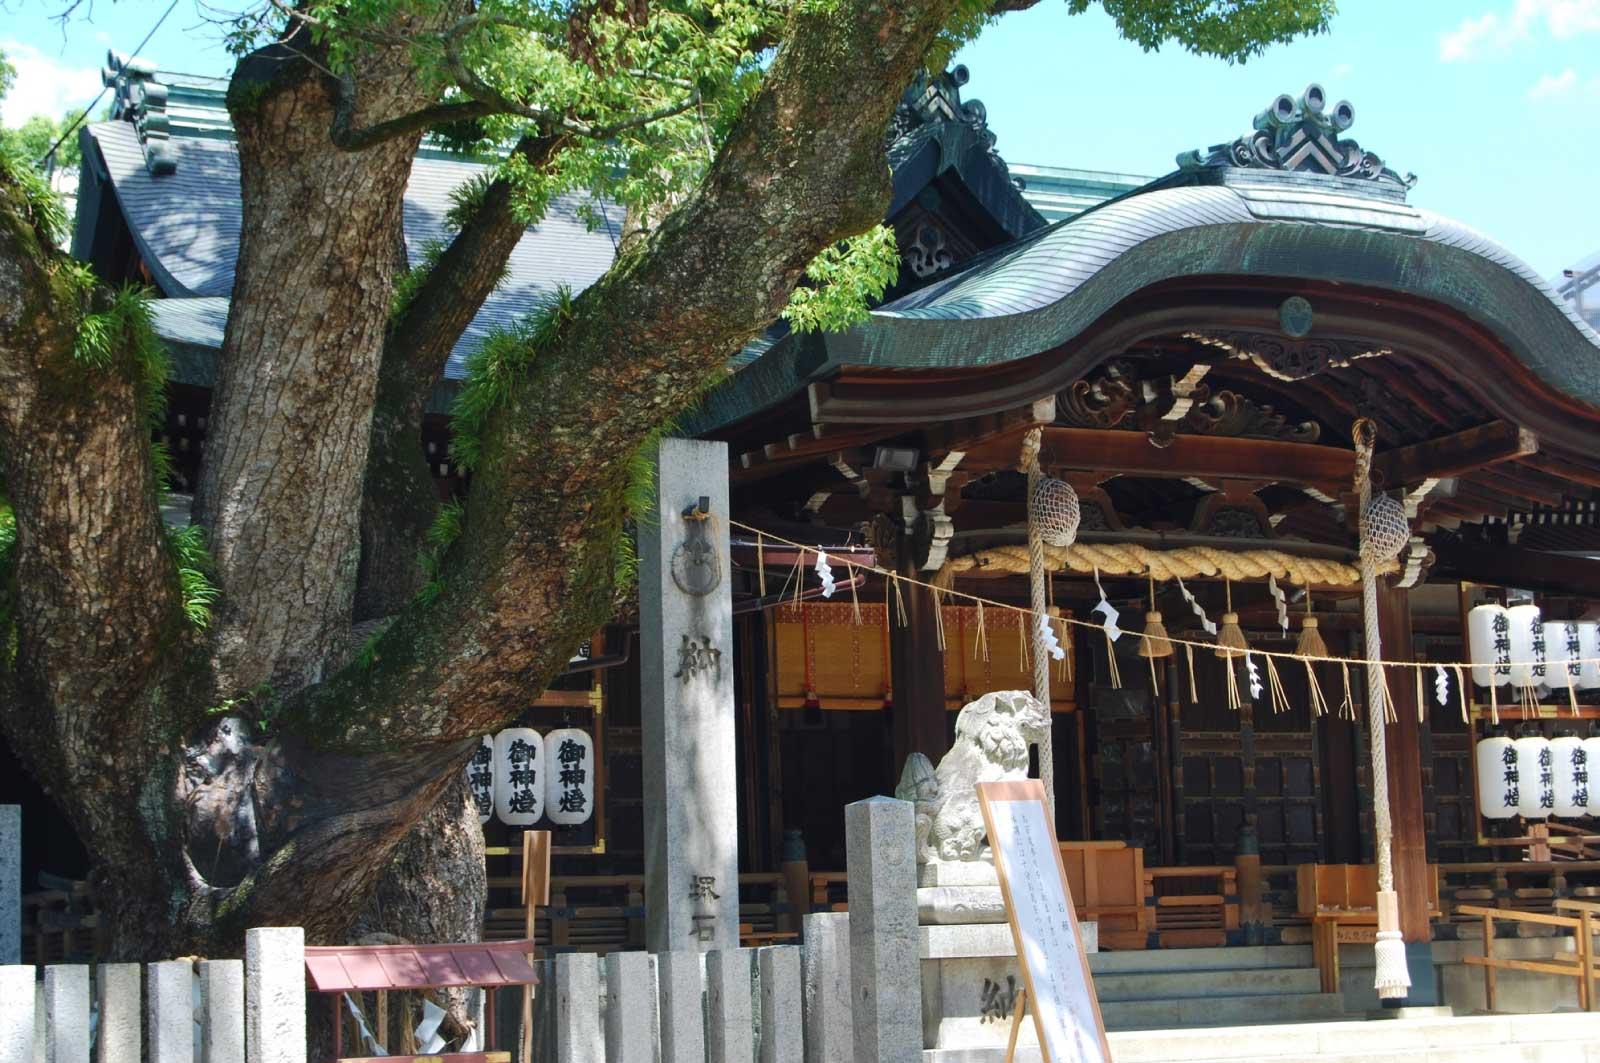 石切劔箭神社(東大阪)のくすの木